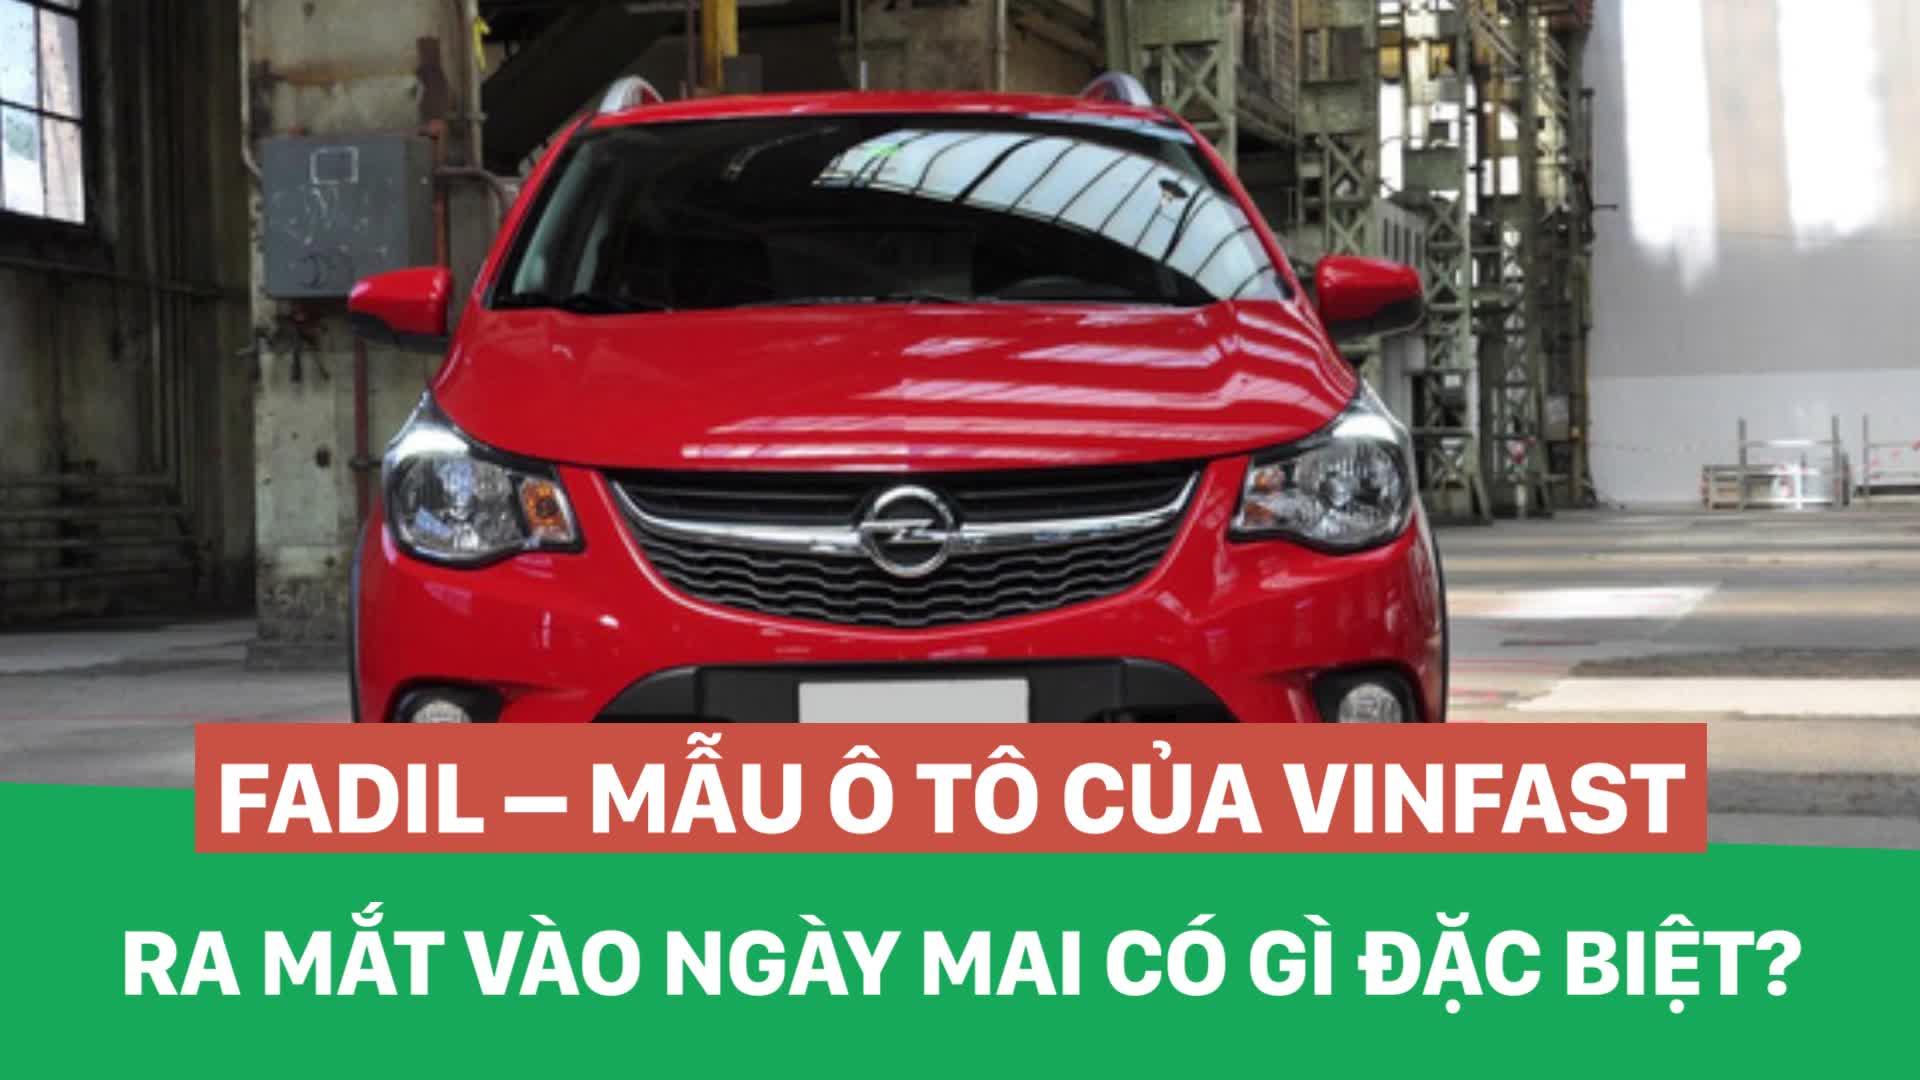 Fadil - mẫu ô tô của VinFast ra mắt vào ngày mai có gì đặc biệt?